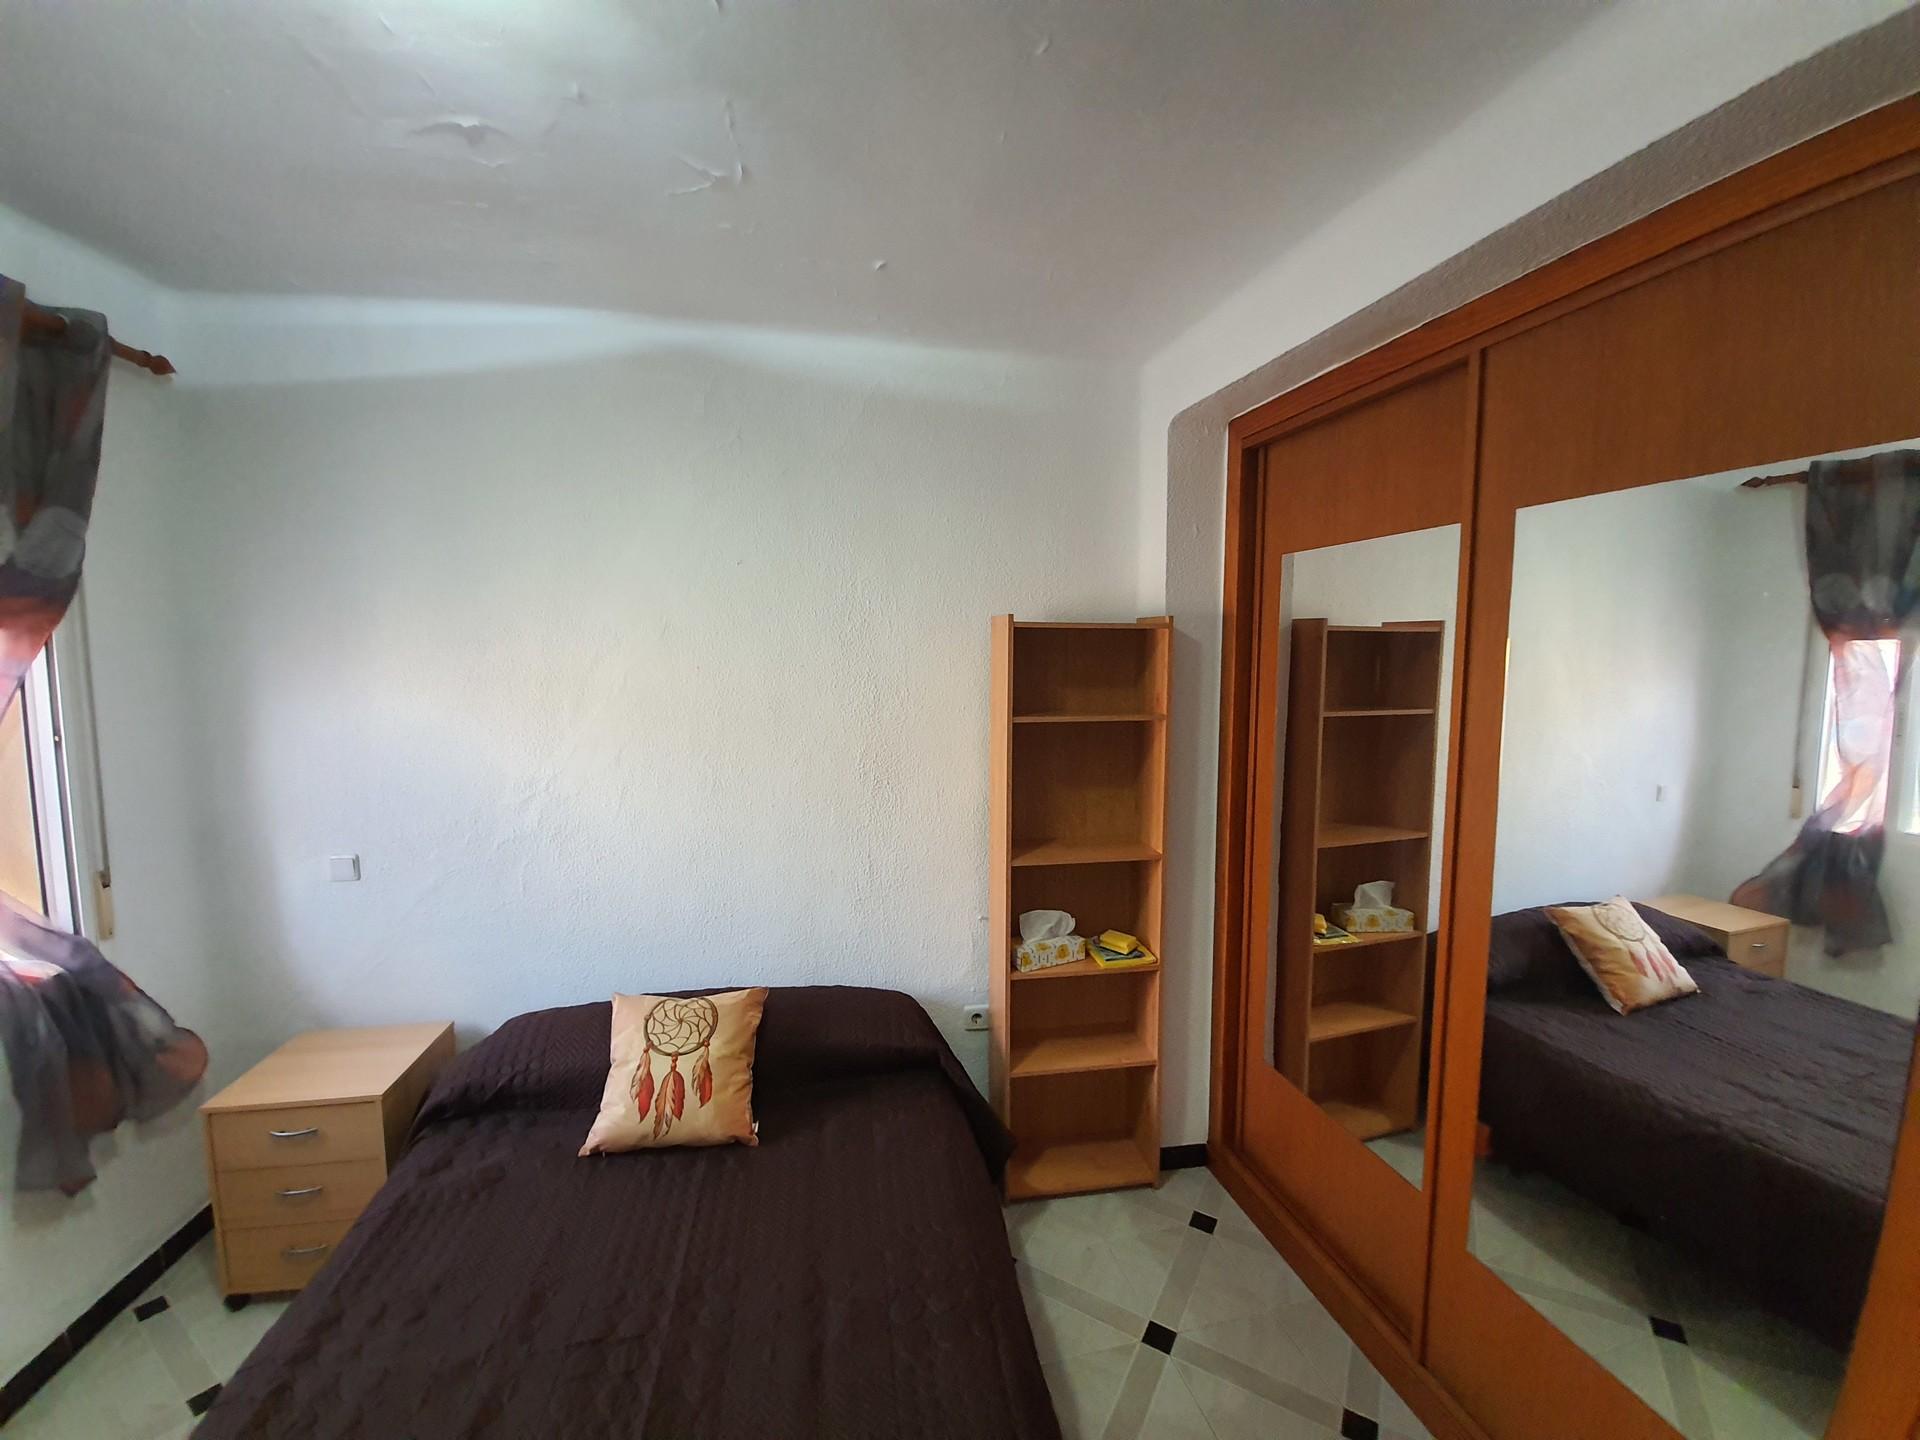 Habitación doble amplia, exterior y luminosa